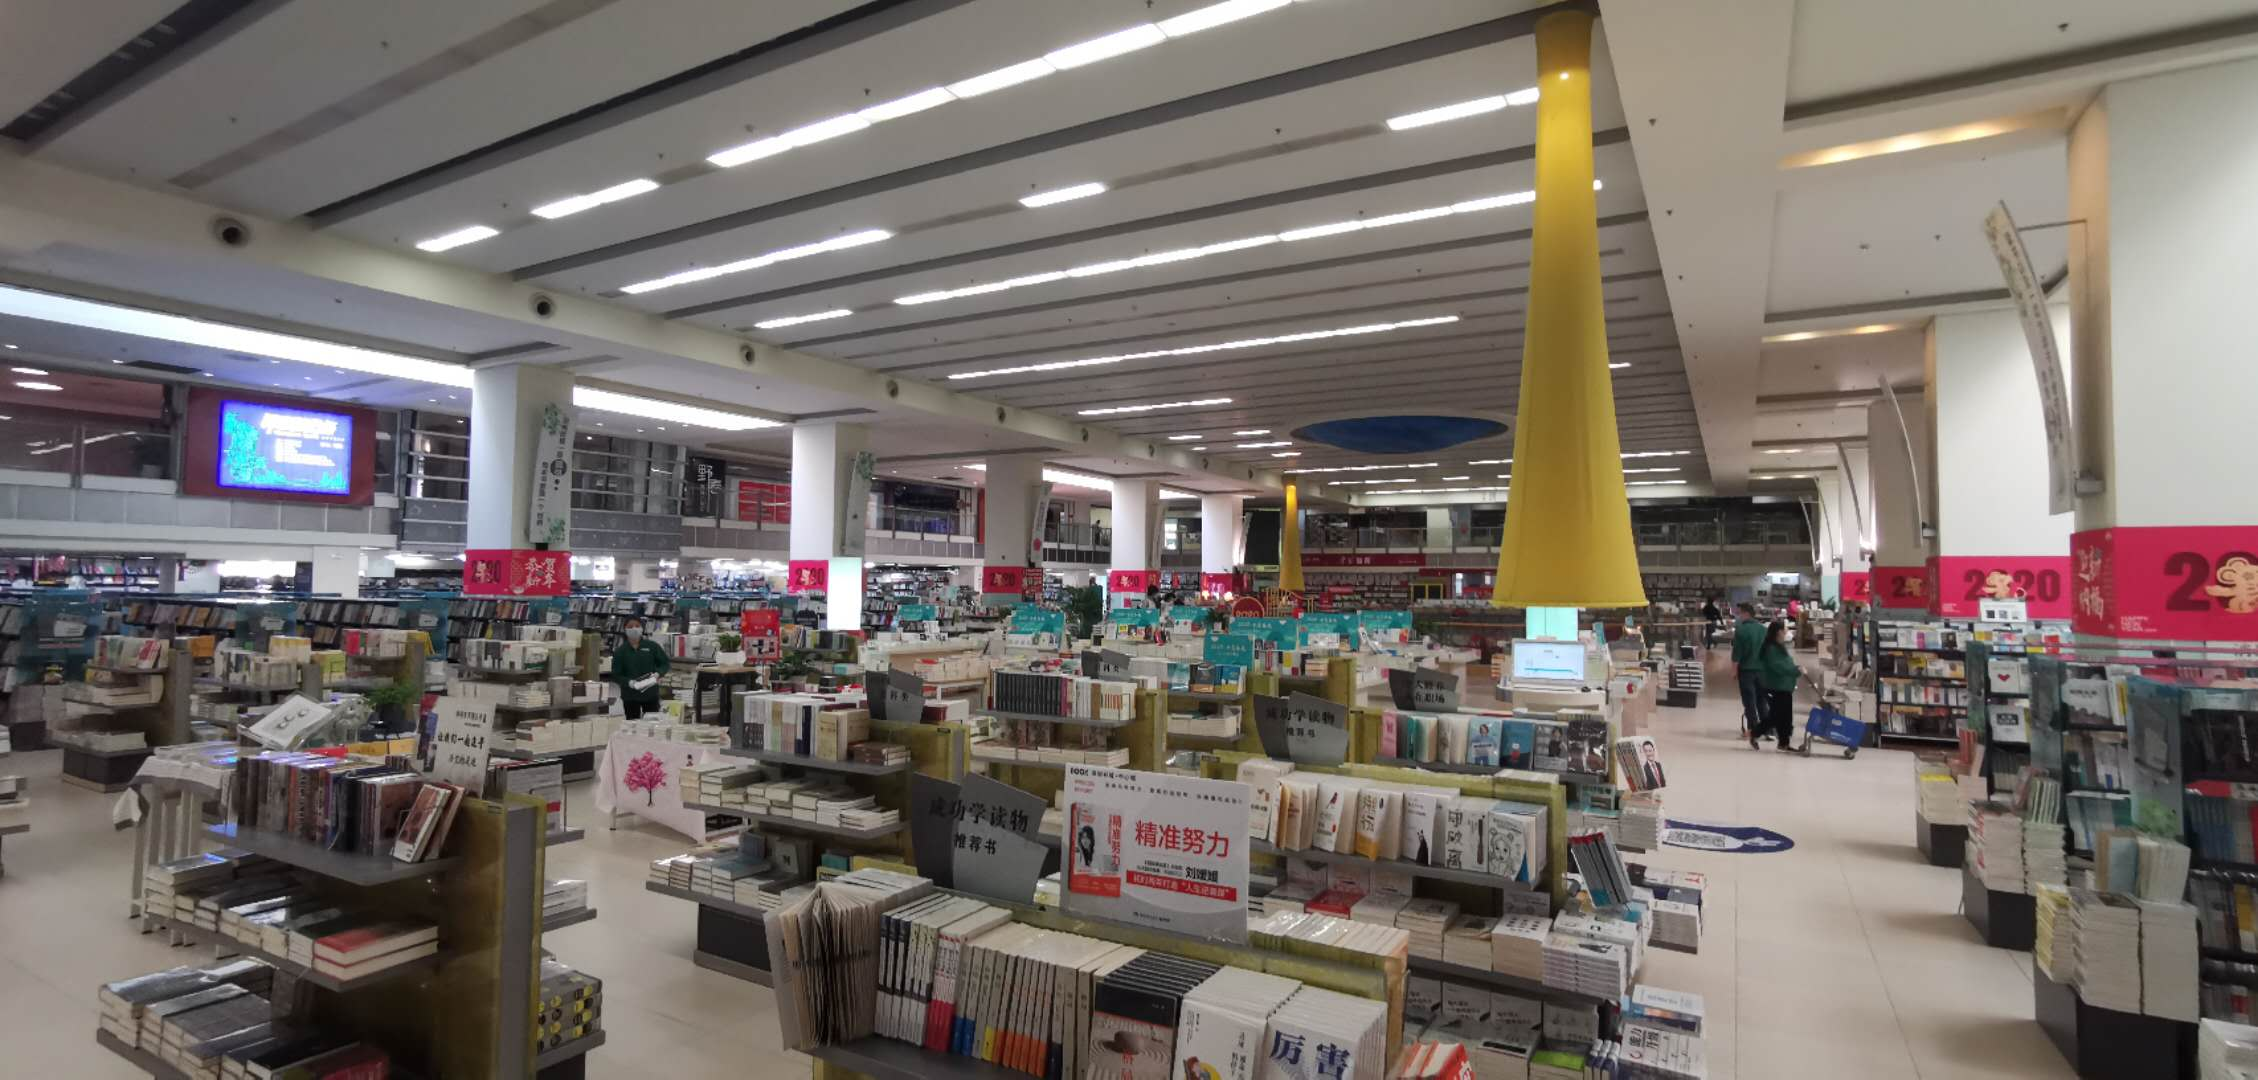 实探中心书城开市第一天